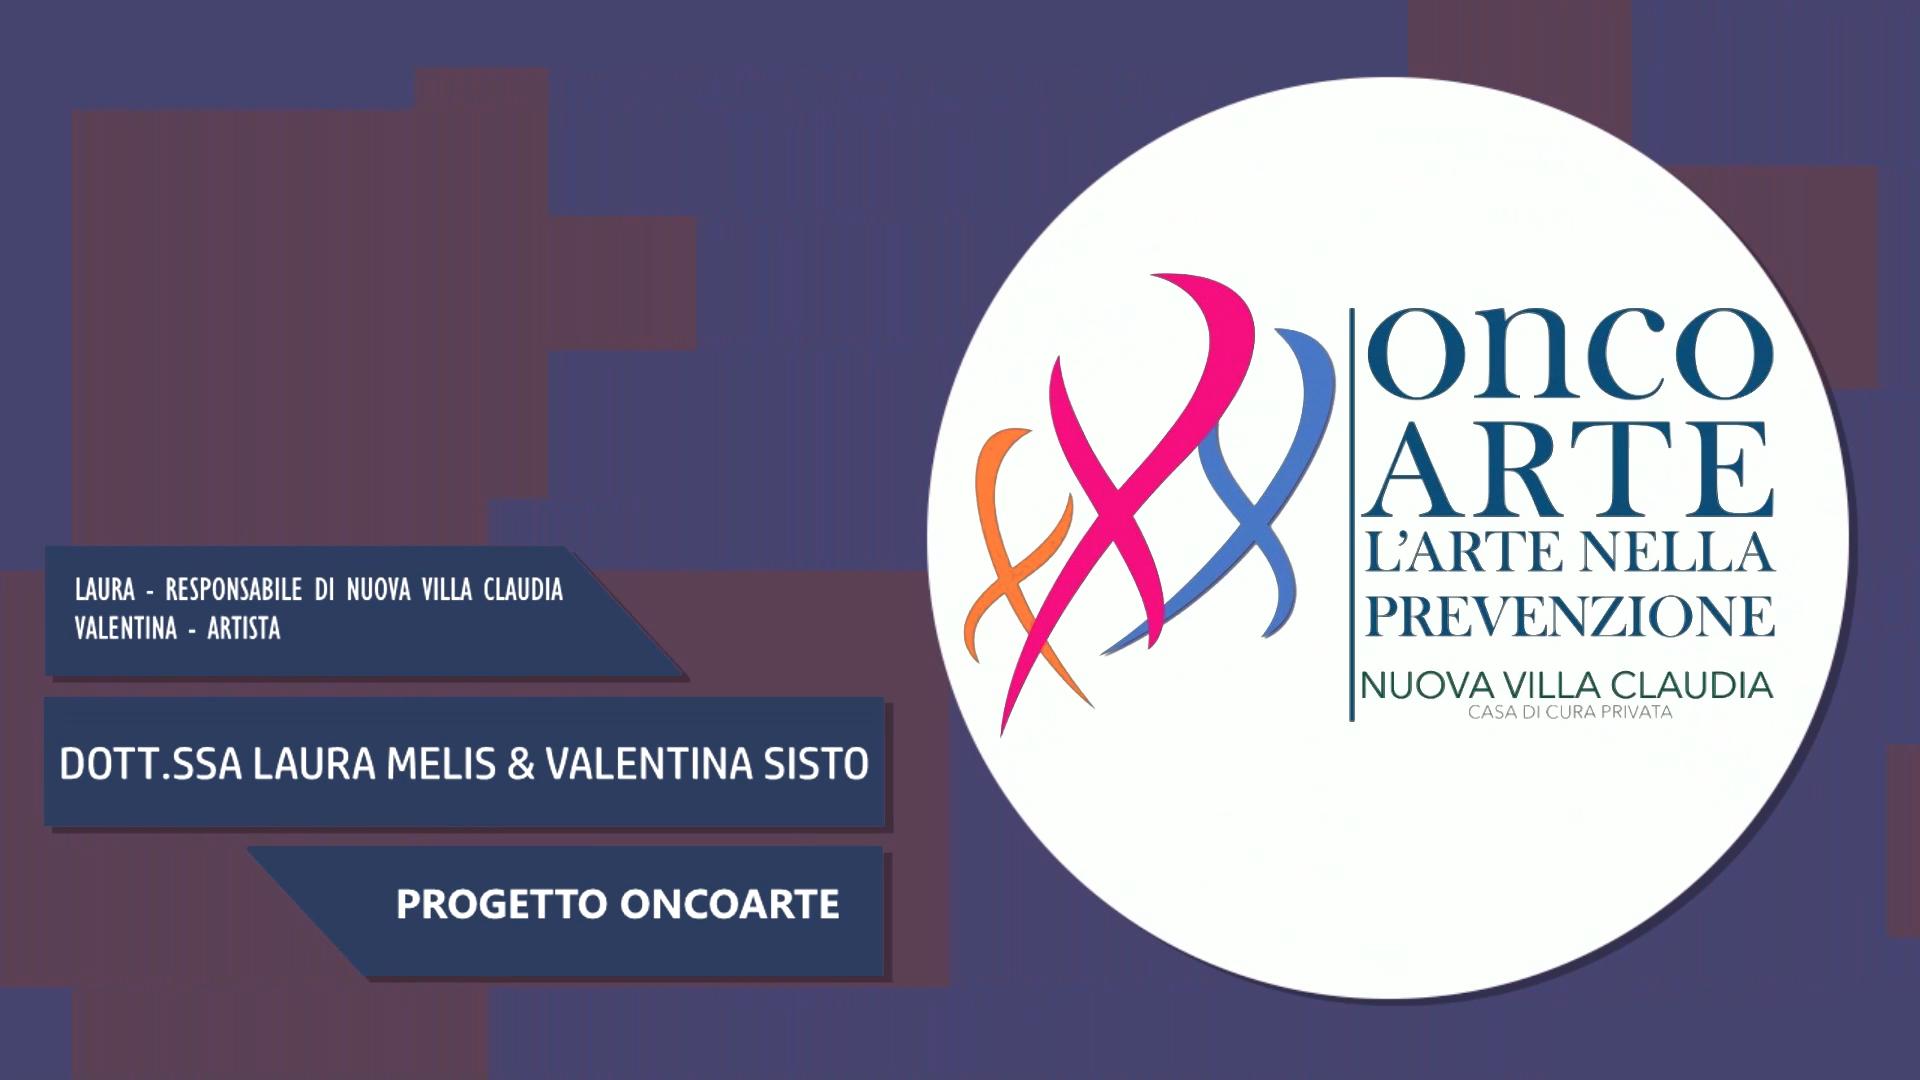 Intervista alla Dott.ssa Laura Melis & Valentina Sisto – Progetto Oncoarte